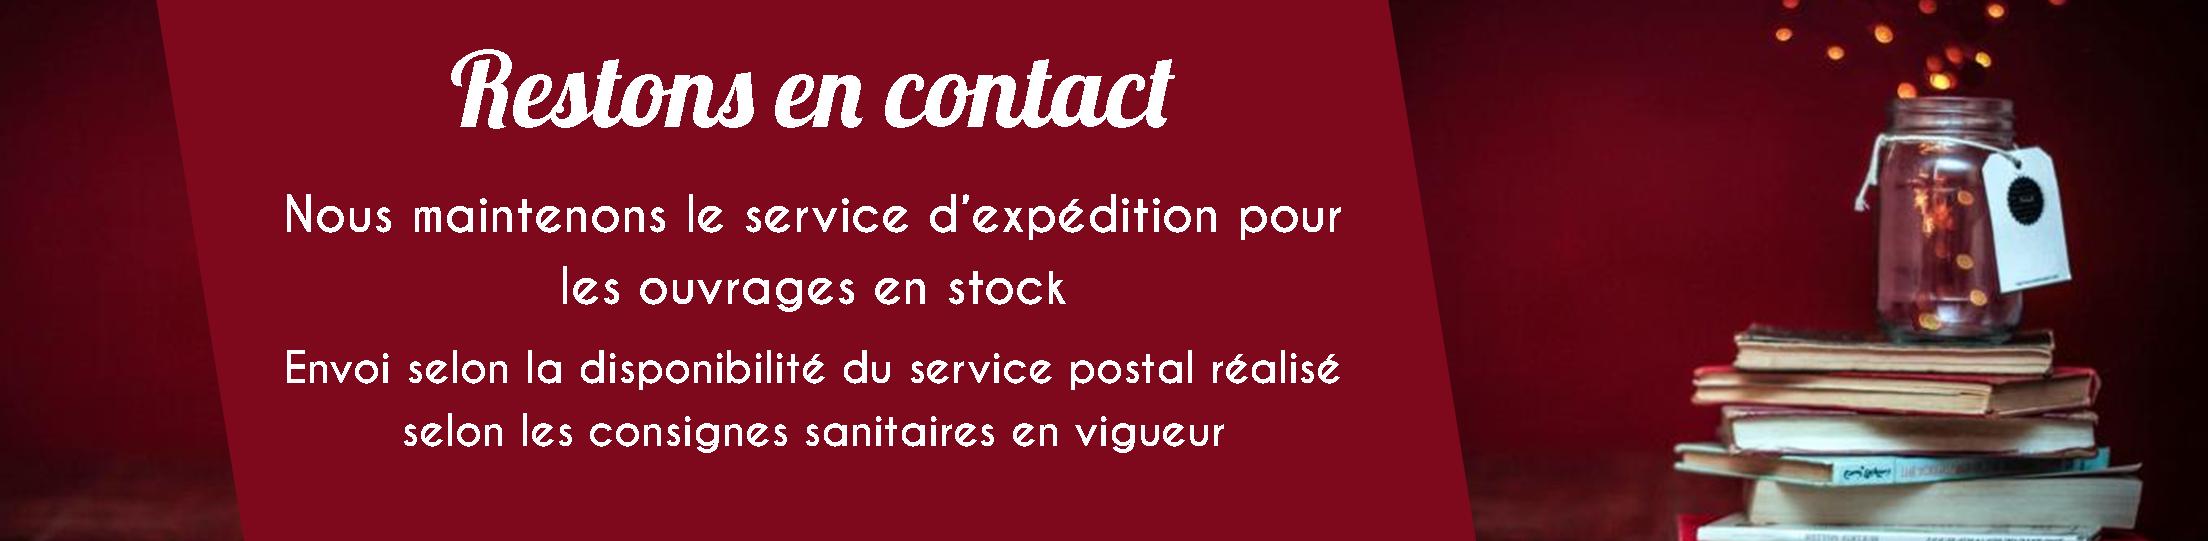 Restons en contact - Nous maintenons le service d'expédition des ouvrages en stock